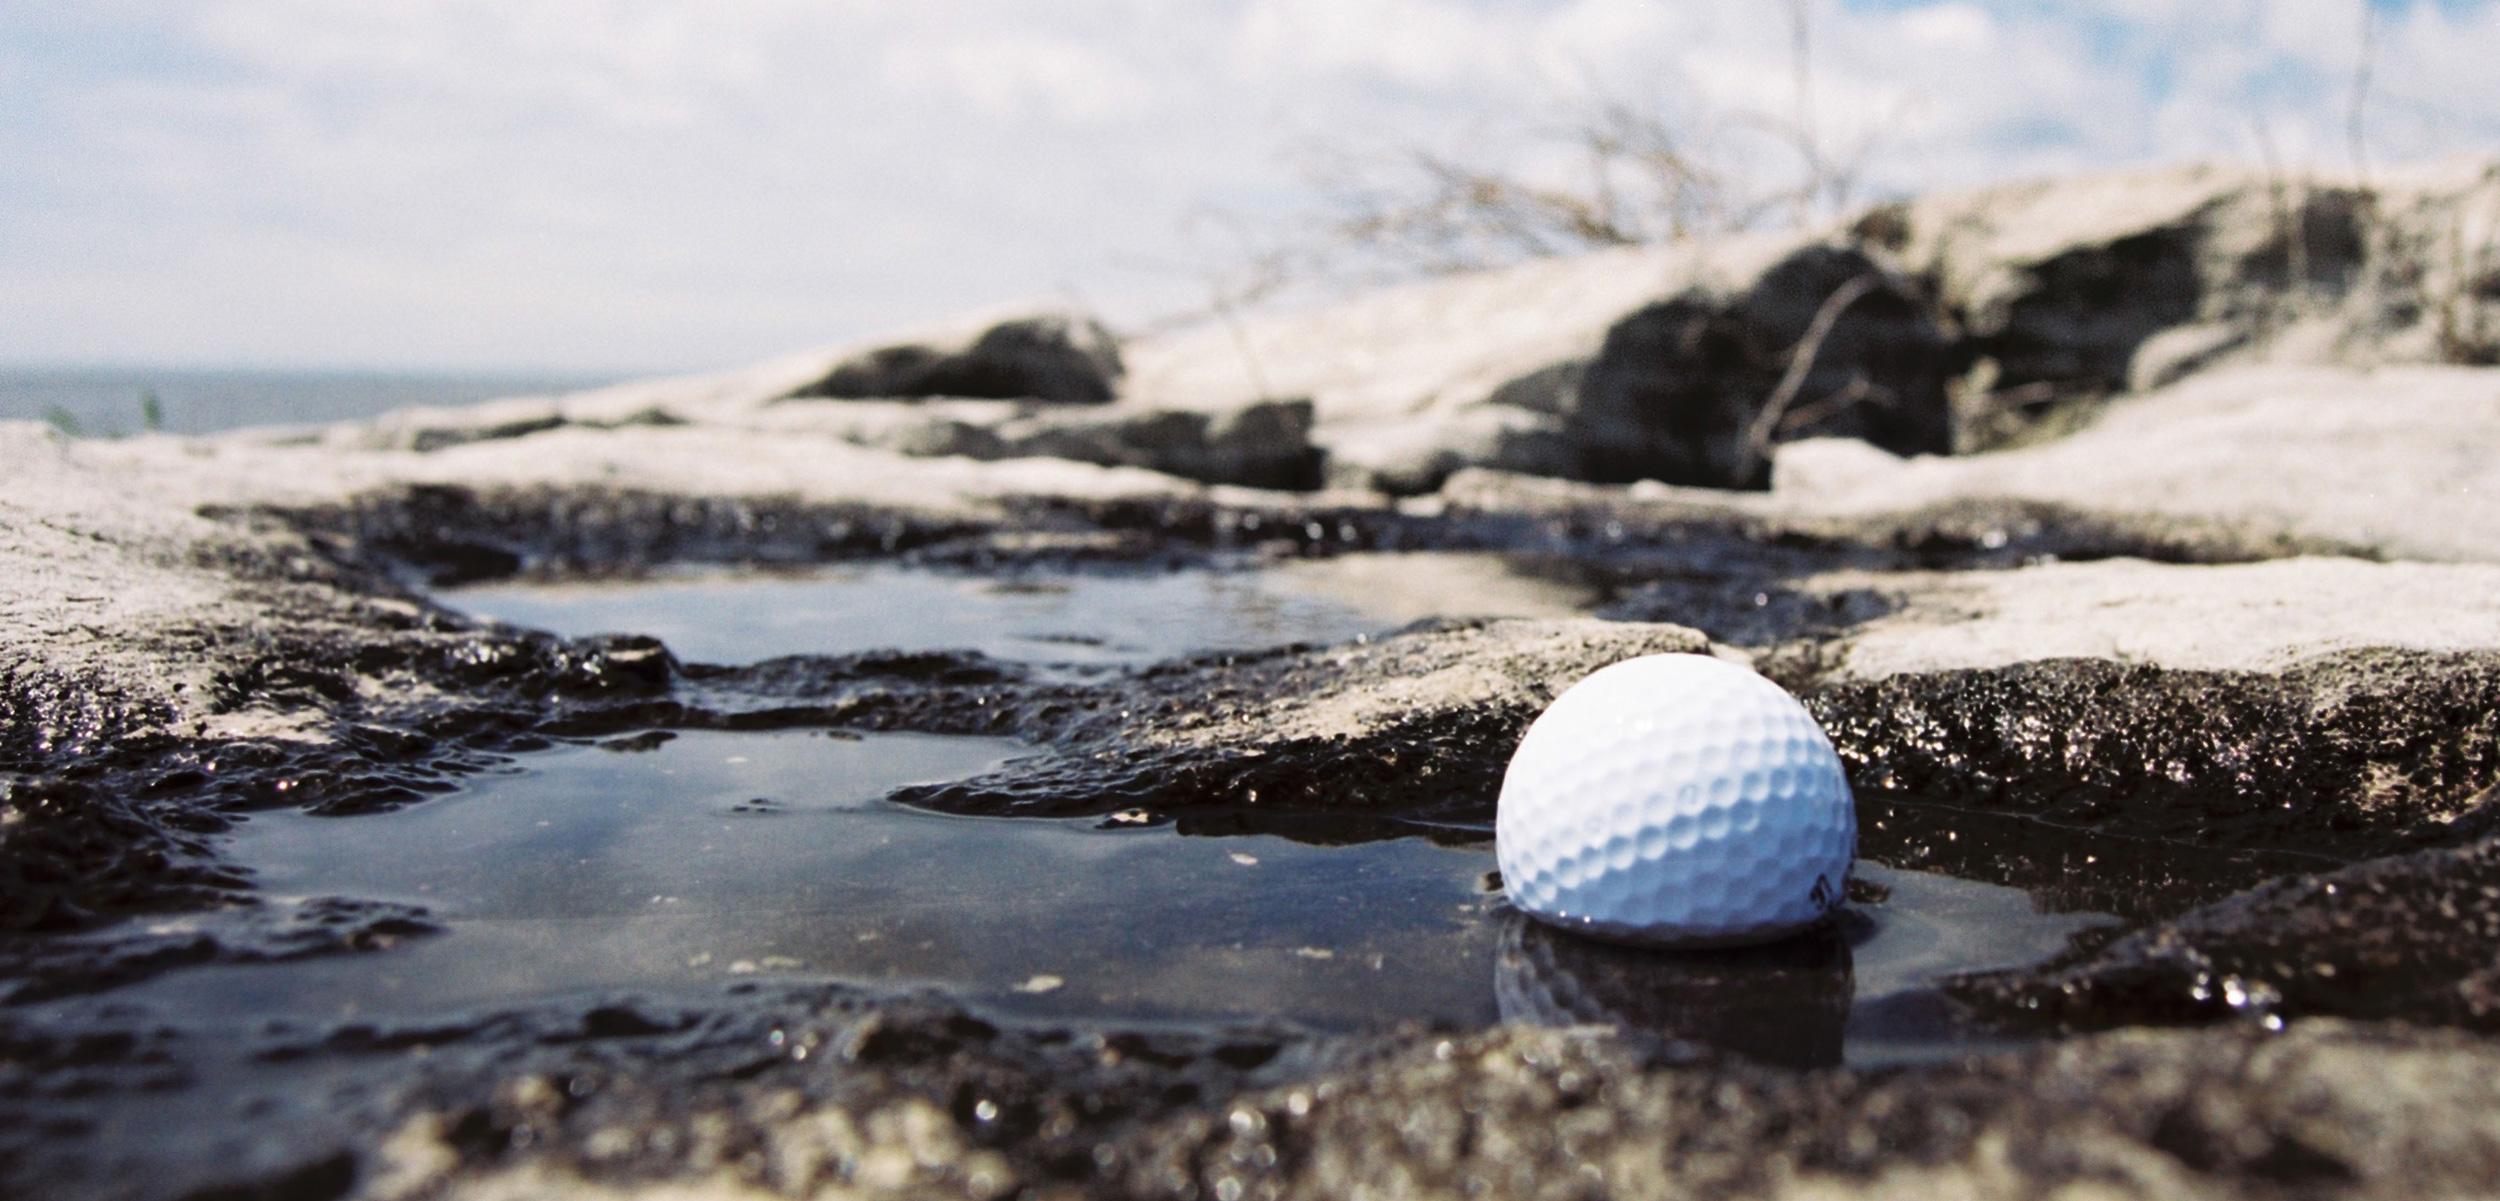 water affect golf balls